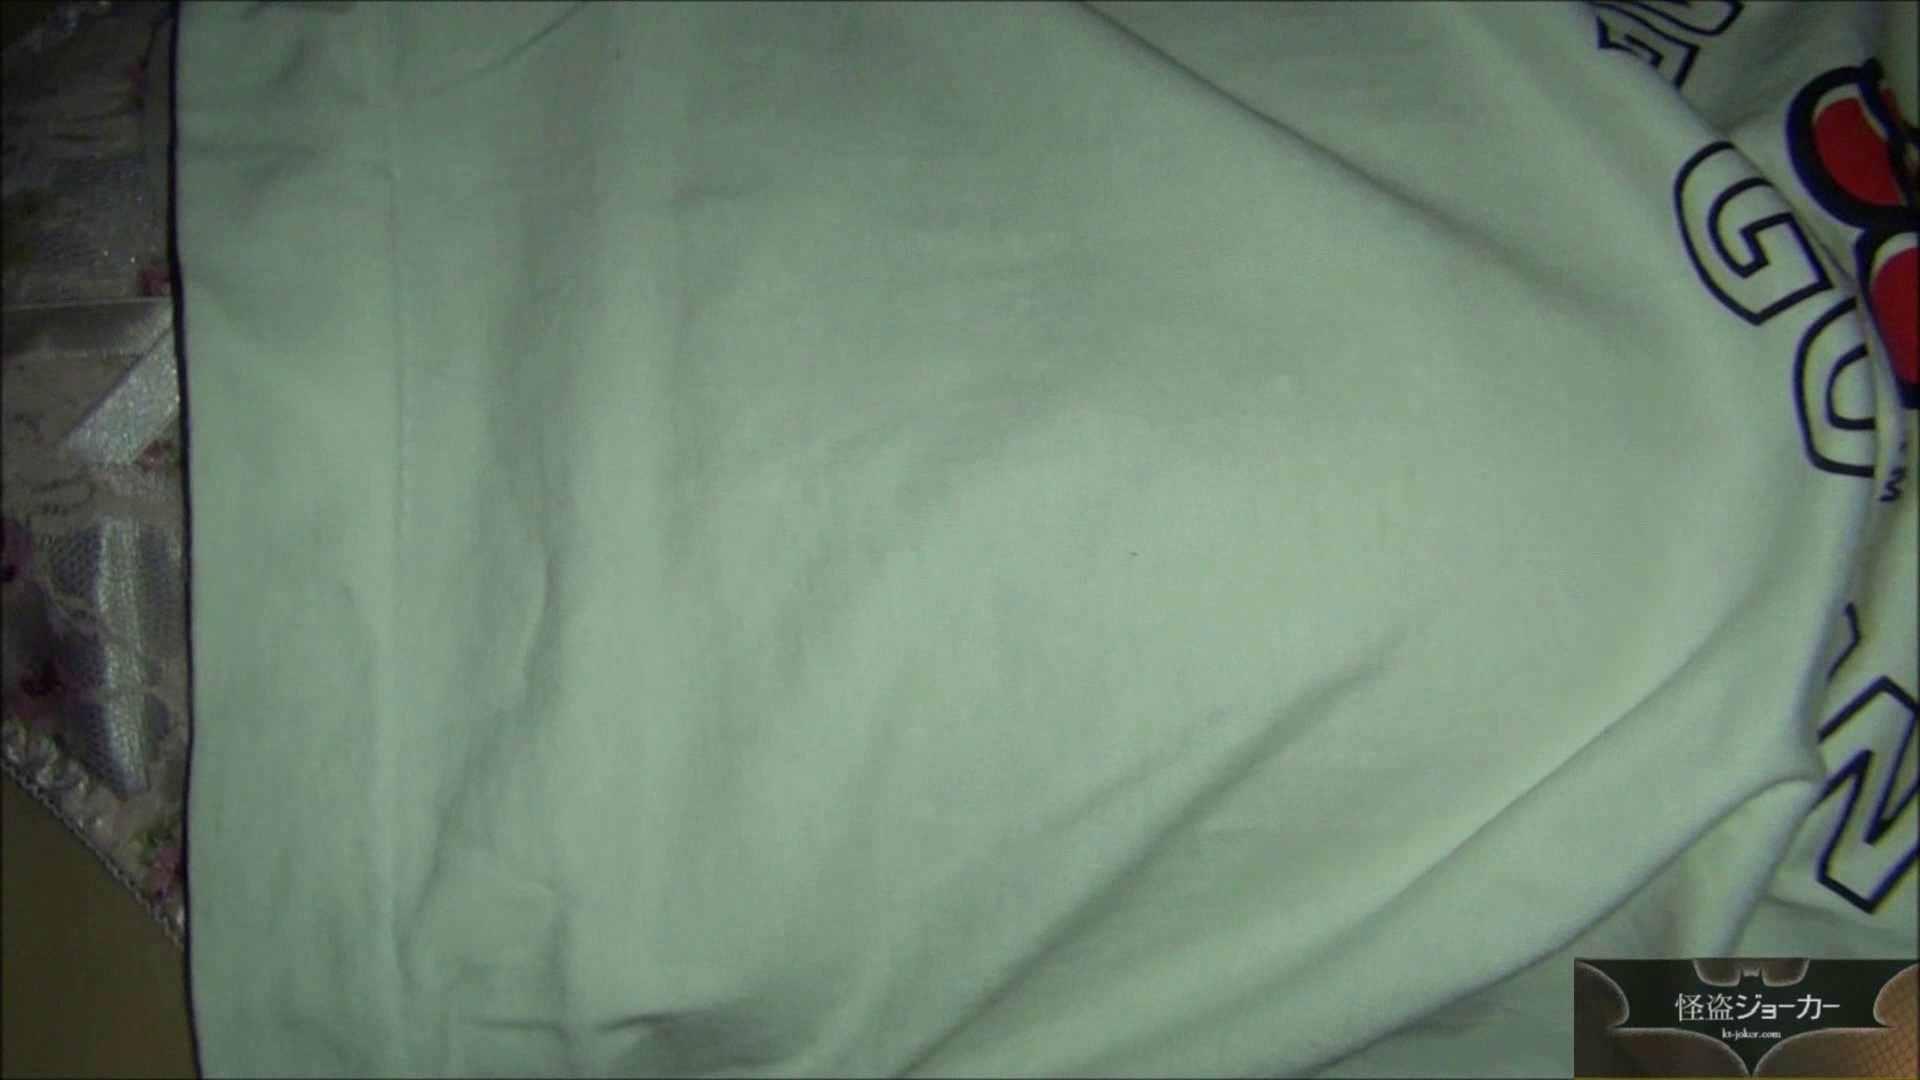 【未公開】vol.19 女末のはしゃぐ姿・・・そして戯びのつもりが思いもよらぬ失態 巨乳 ワレメ無修正動画無料 55画像 19